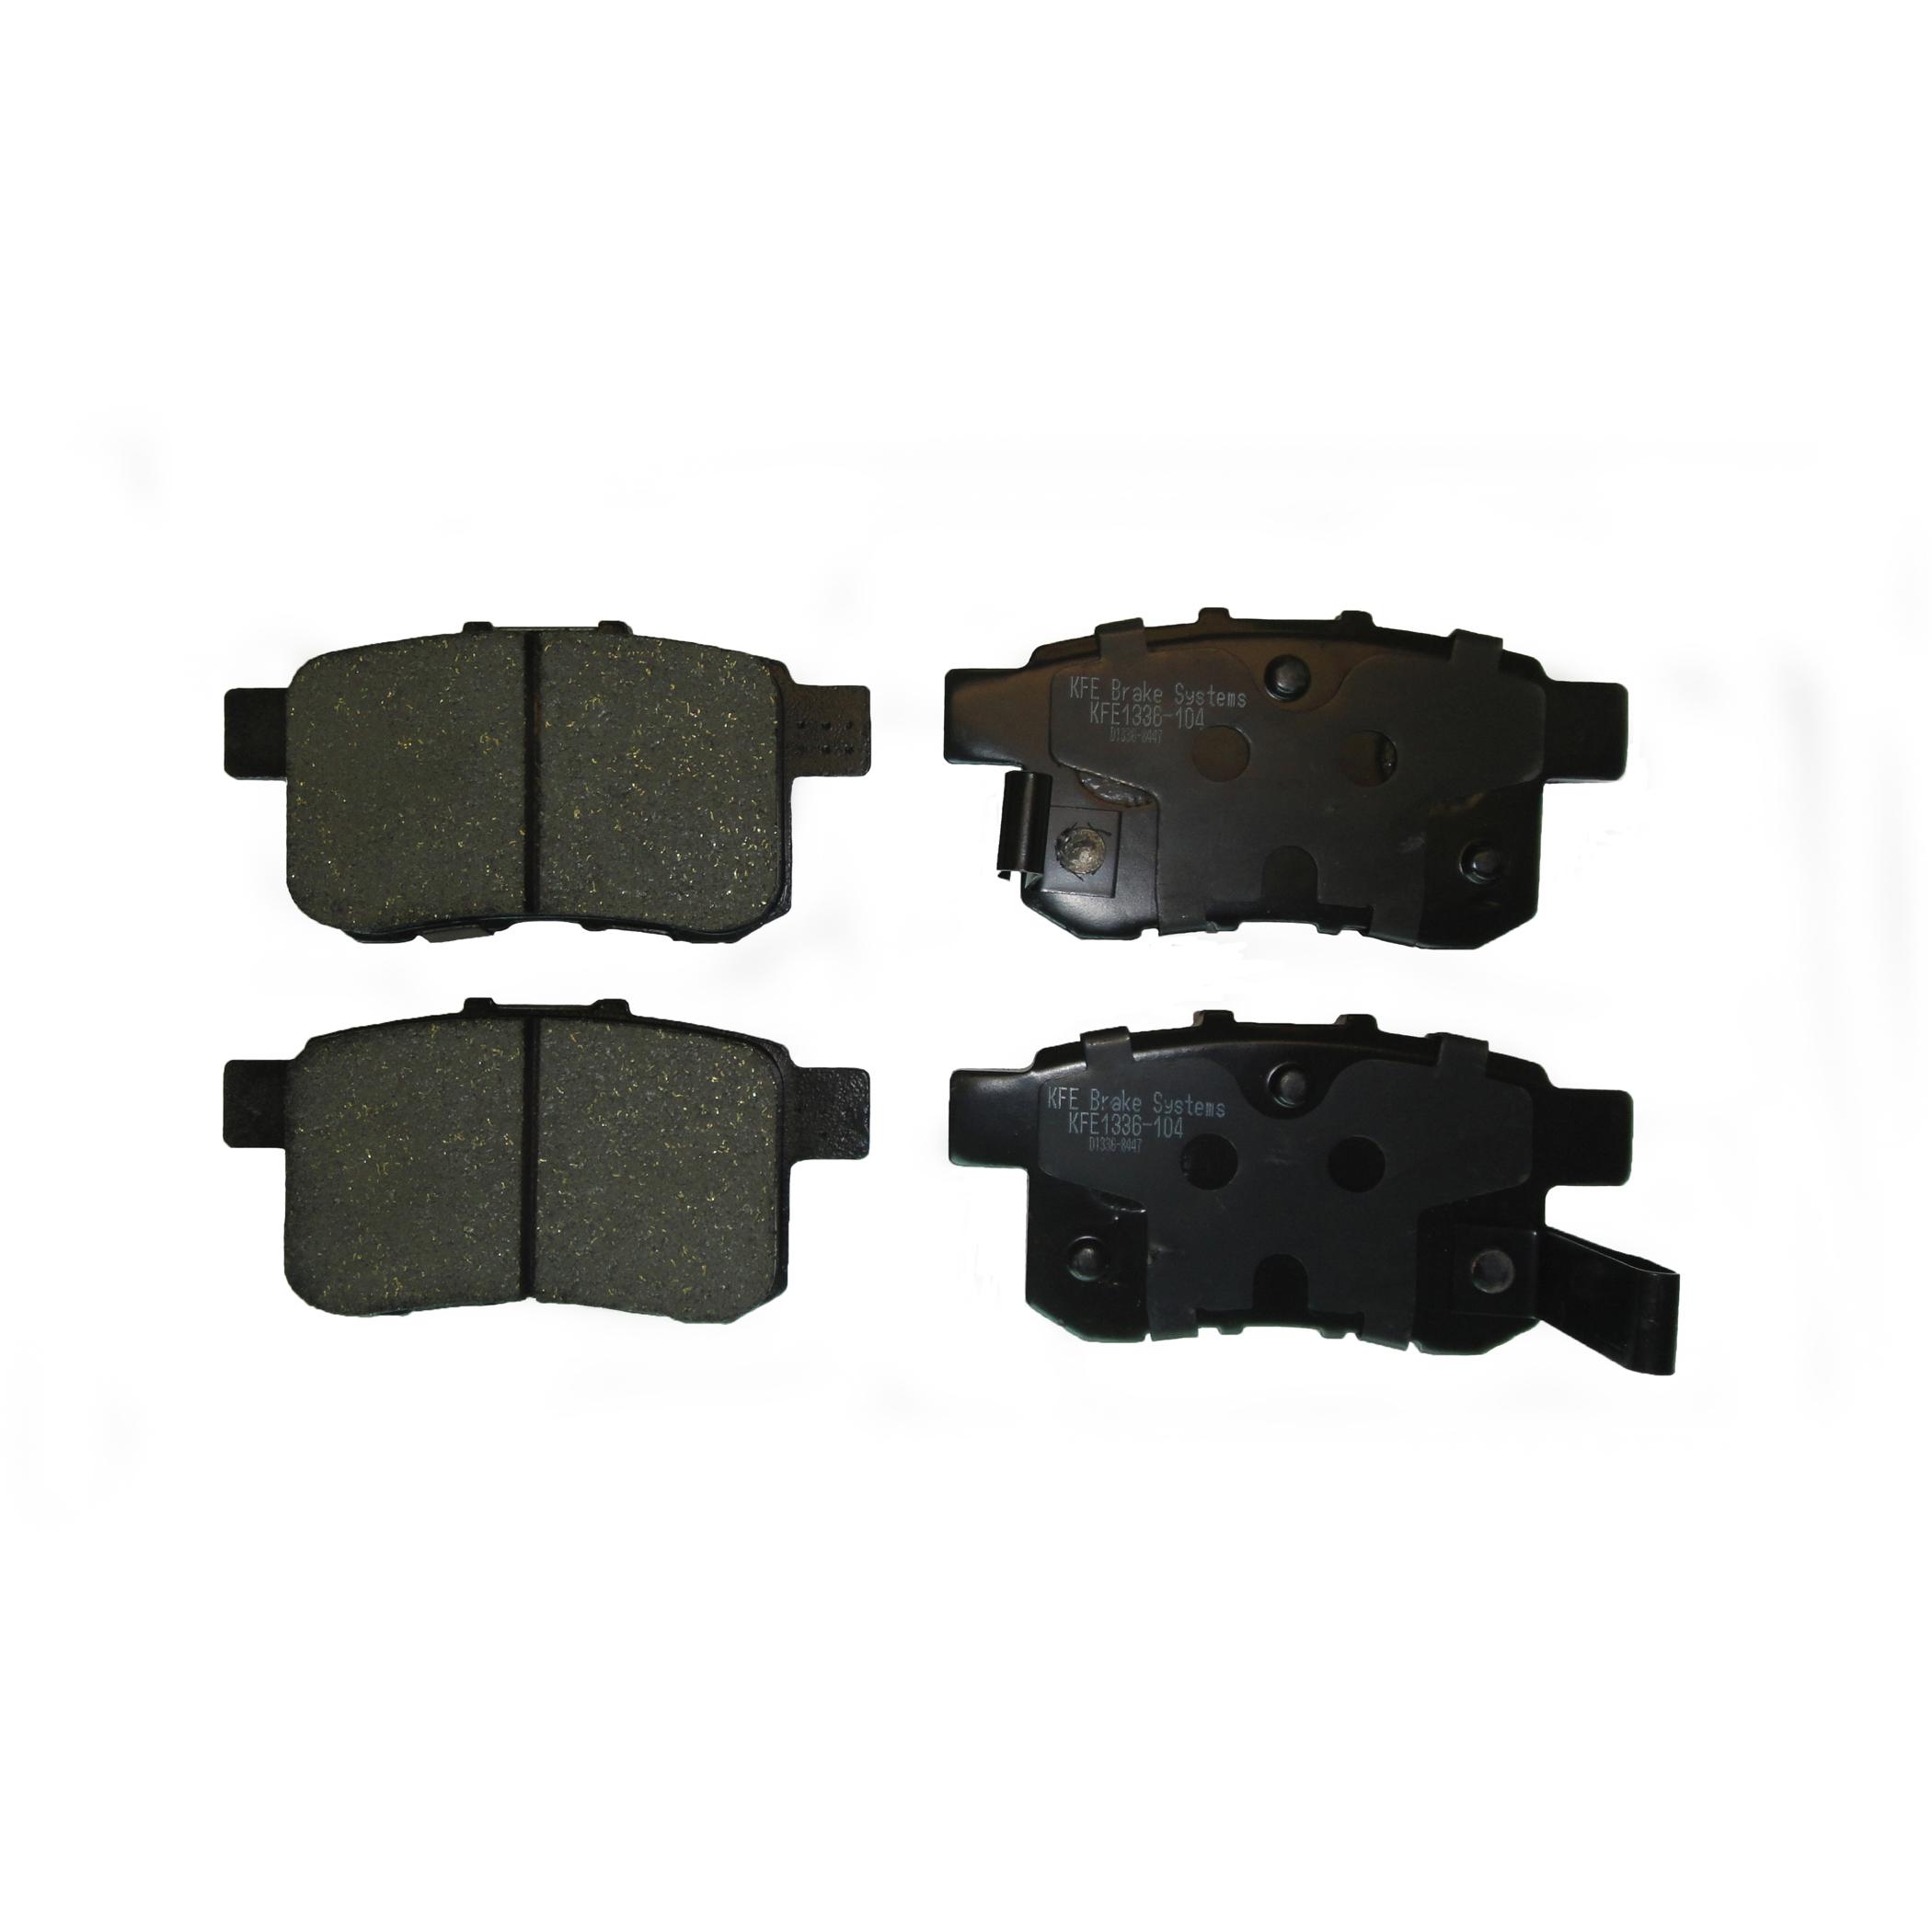 KFE1336-104 Ultra Quiet Advanced Brake Pad